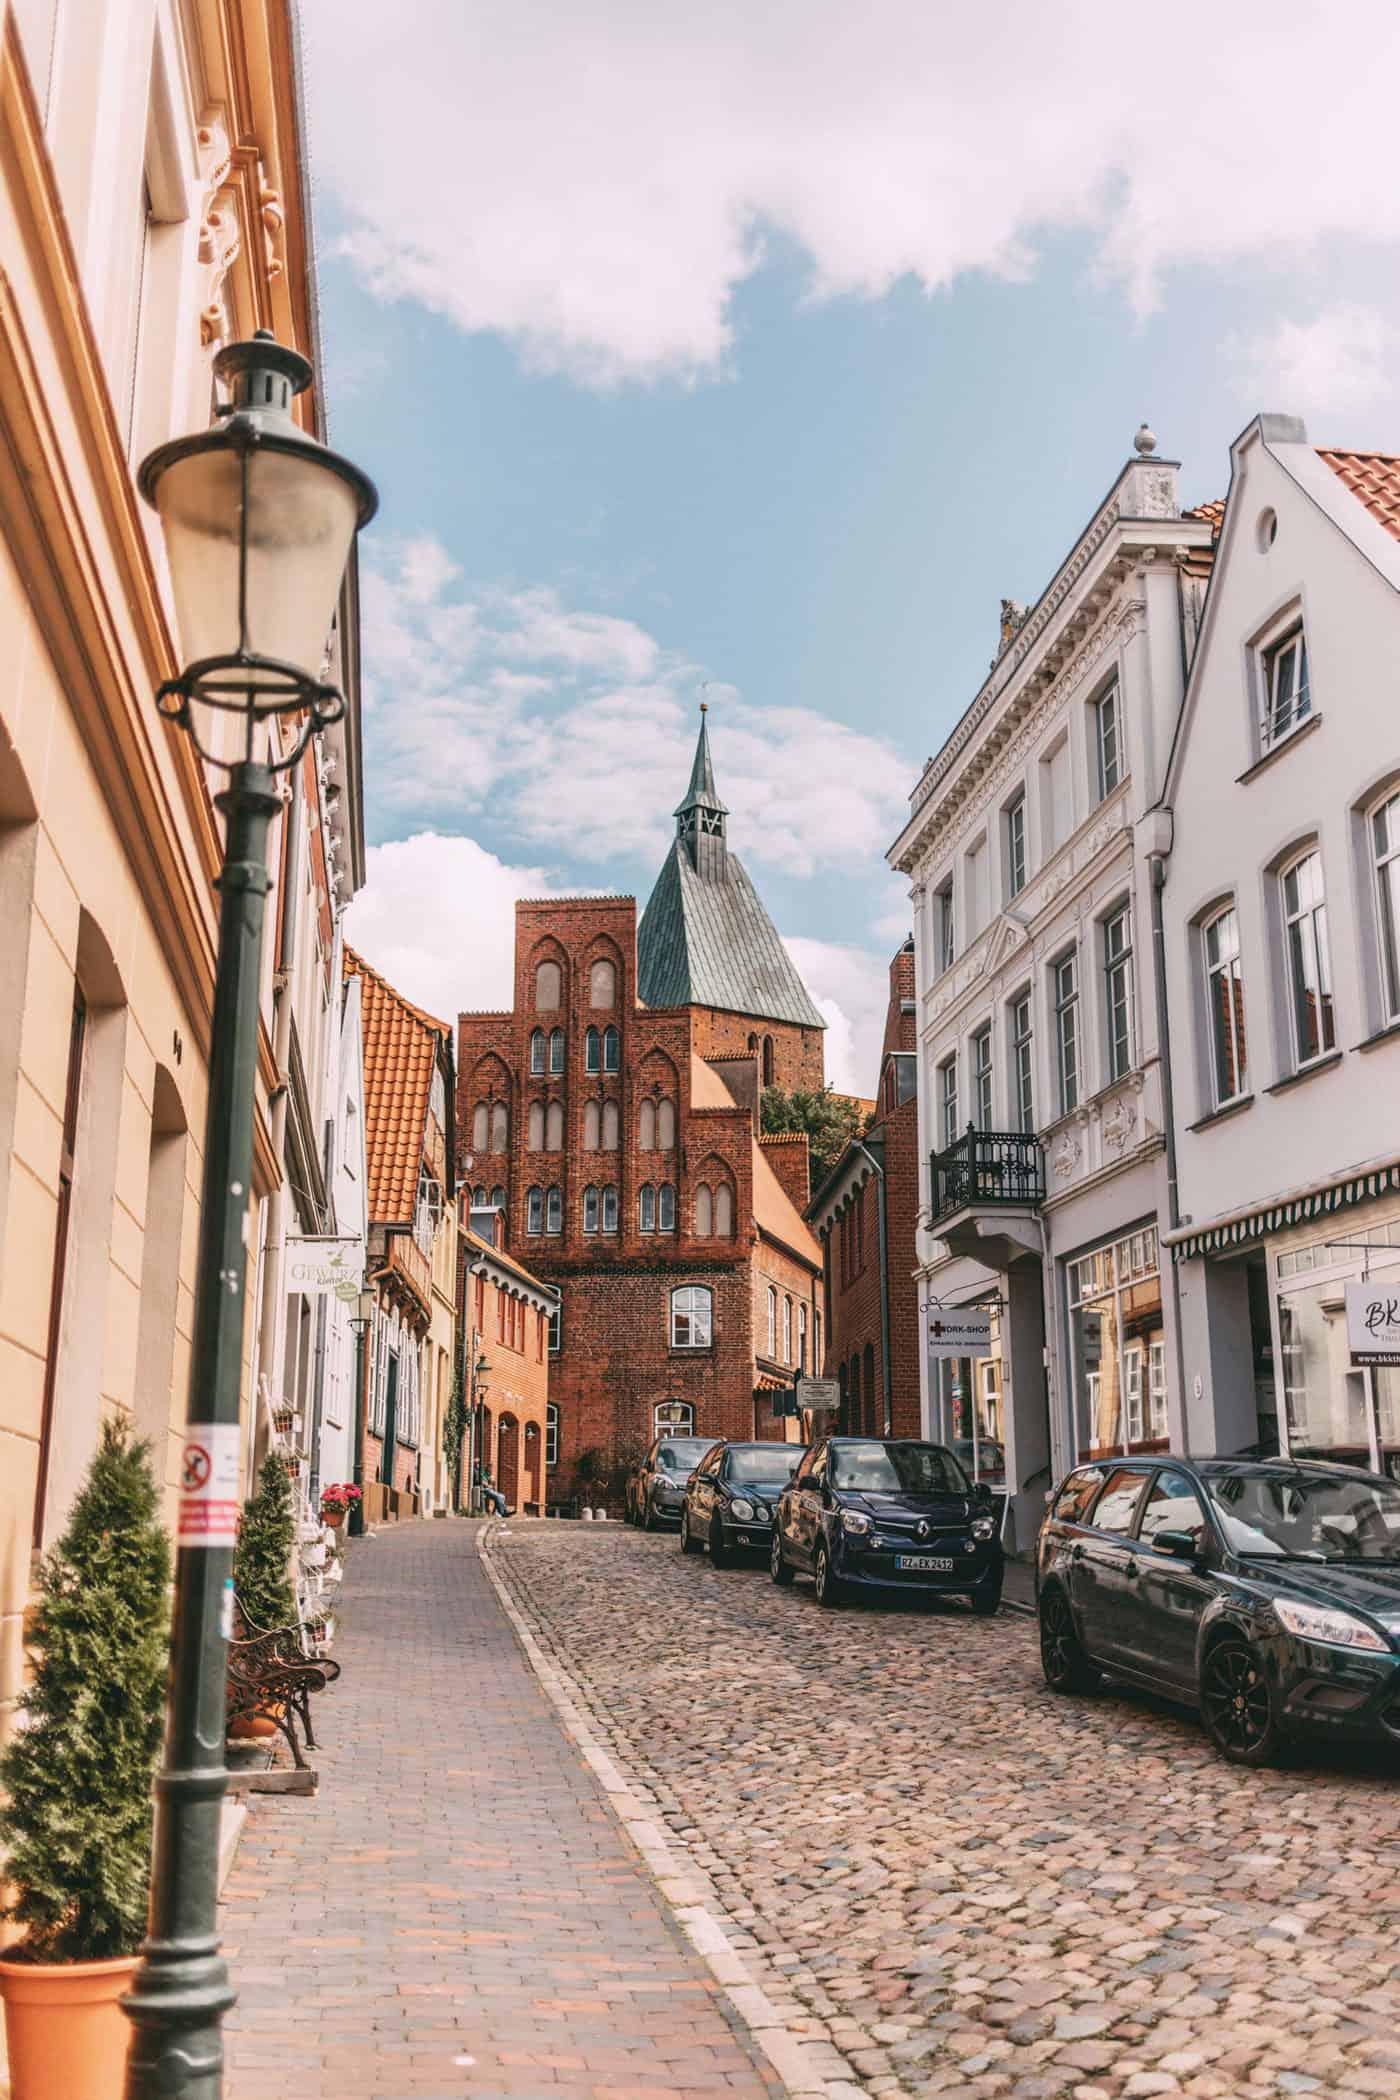 Mölln Marktstraße